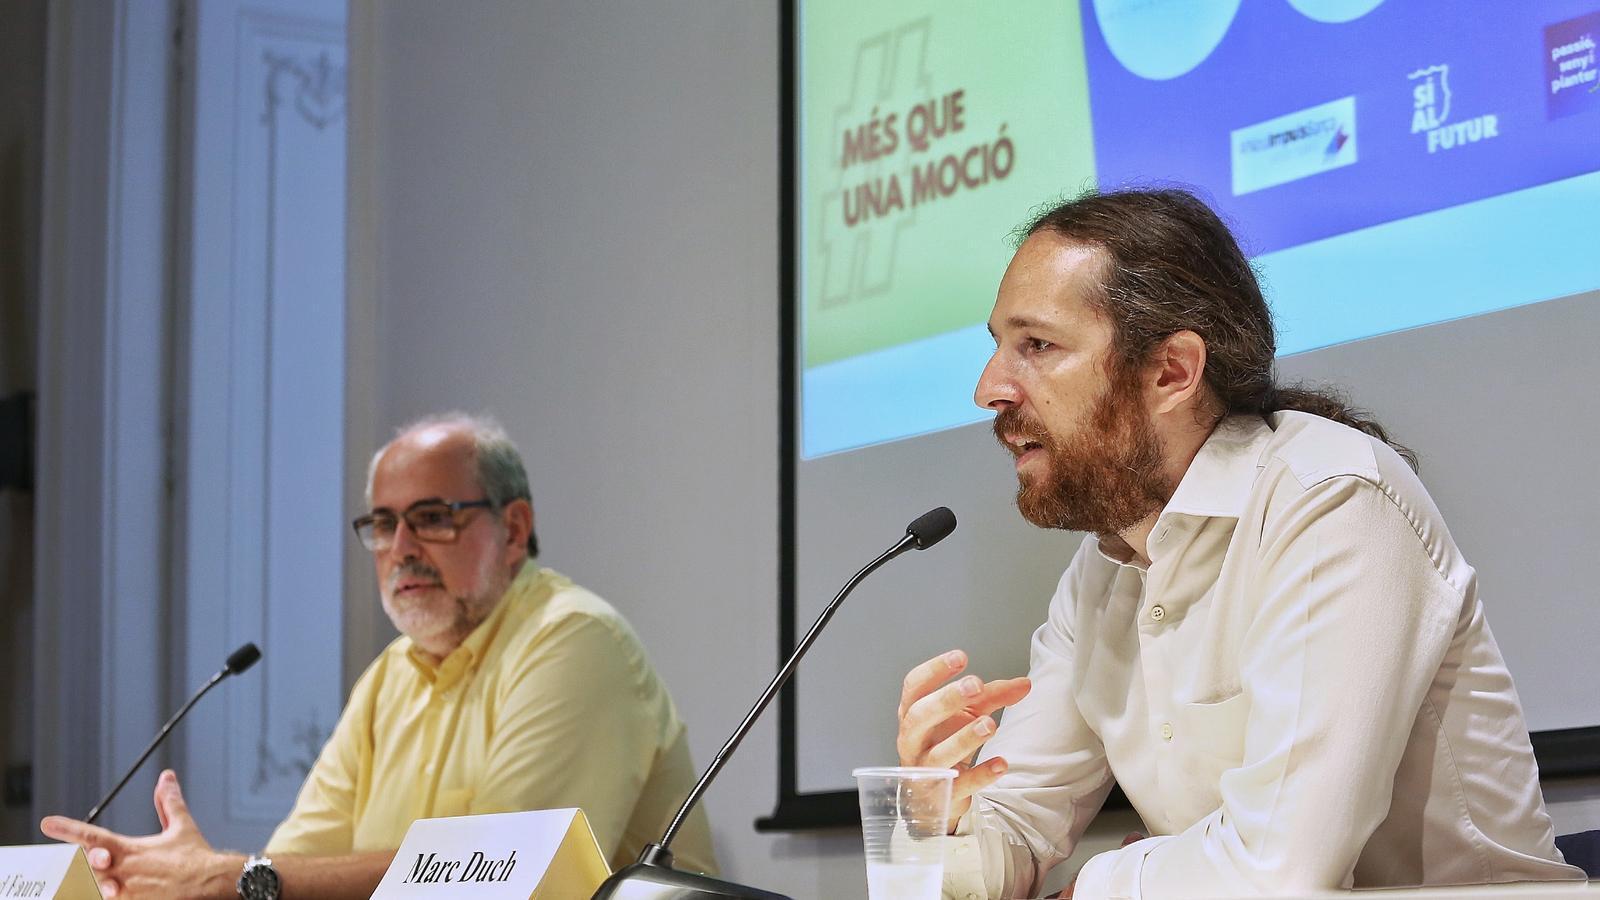 MArc Duch i Ricard Faura en la roda de premsa d'avui